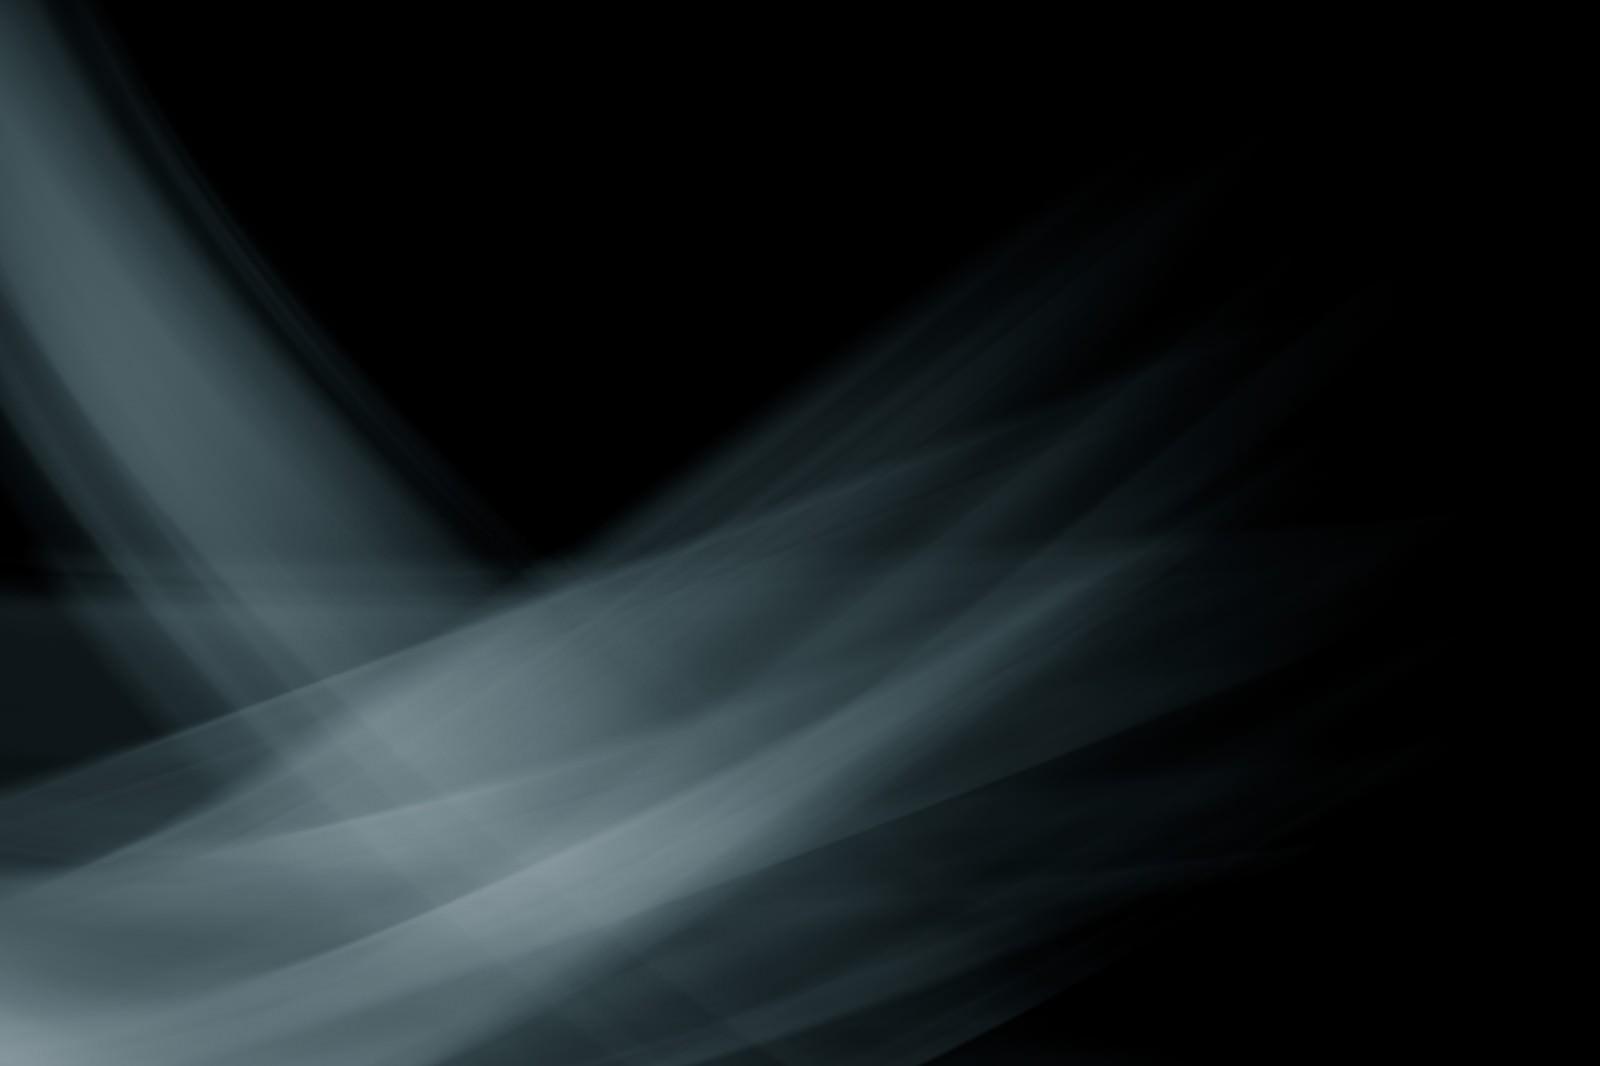 「暗闇と光の跡」の写真